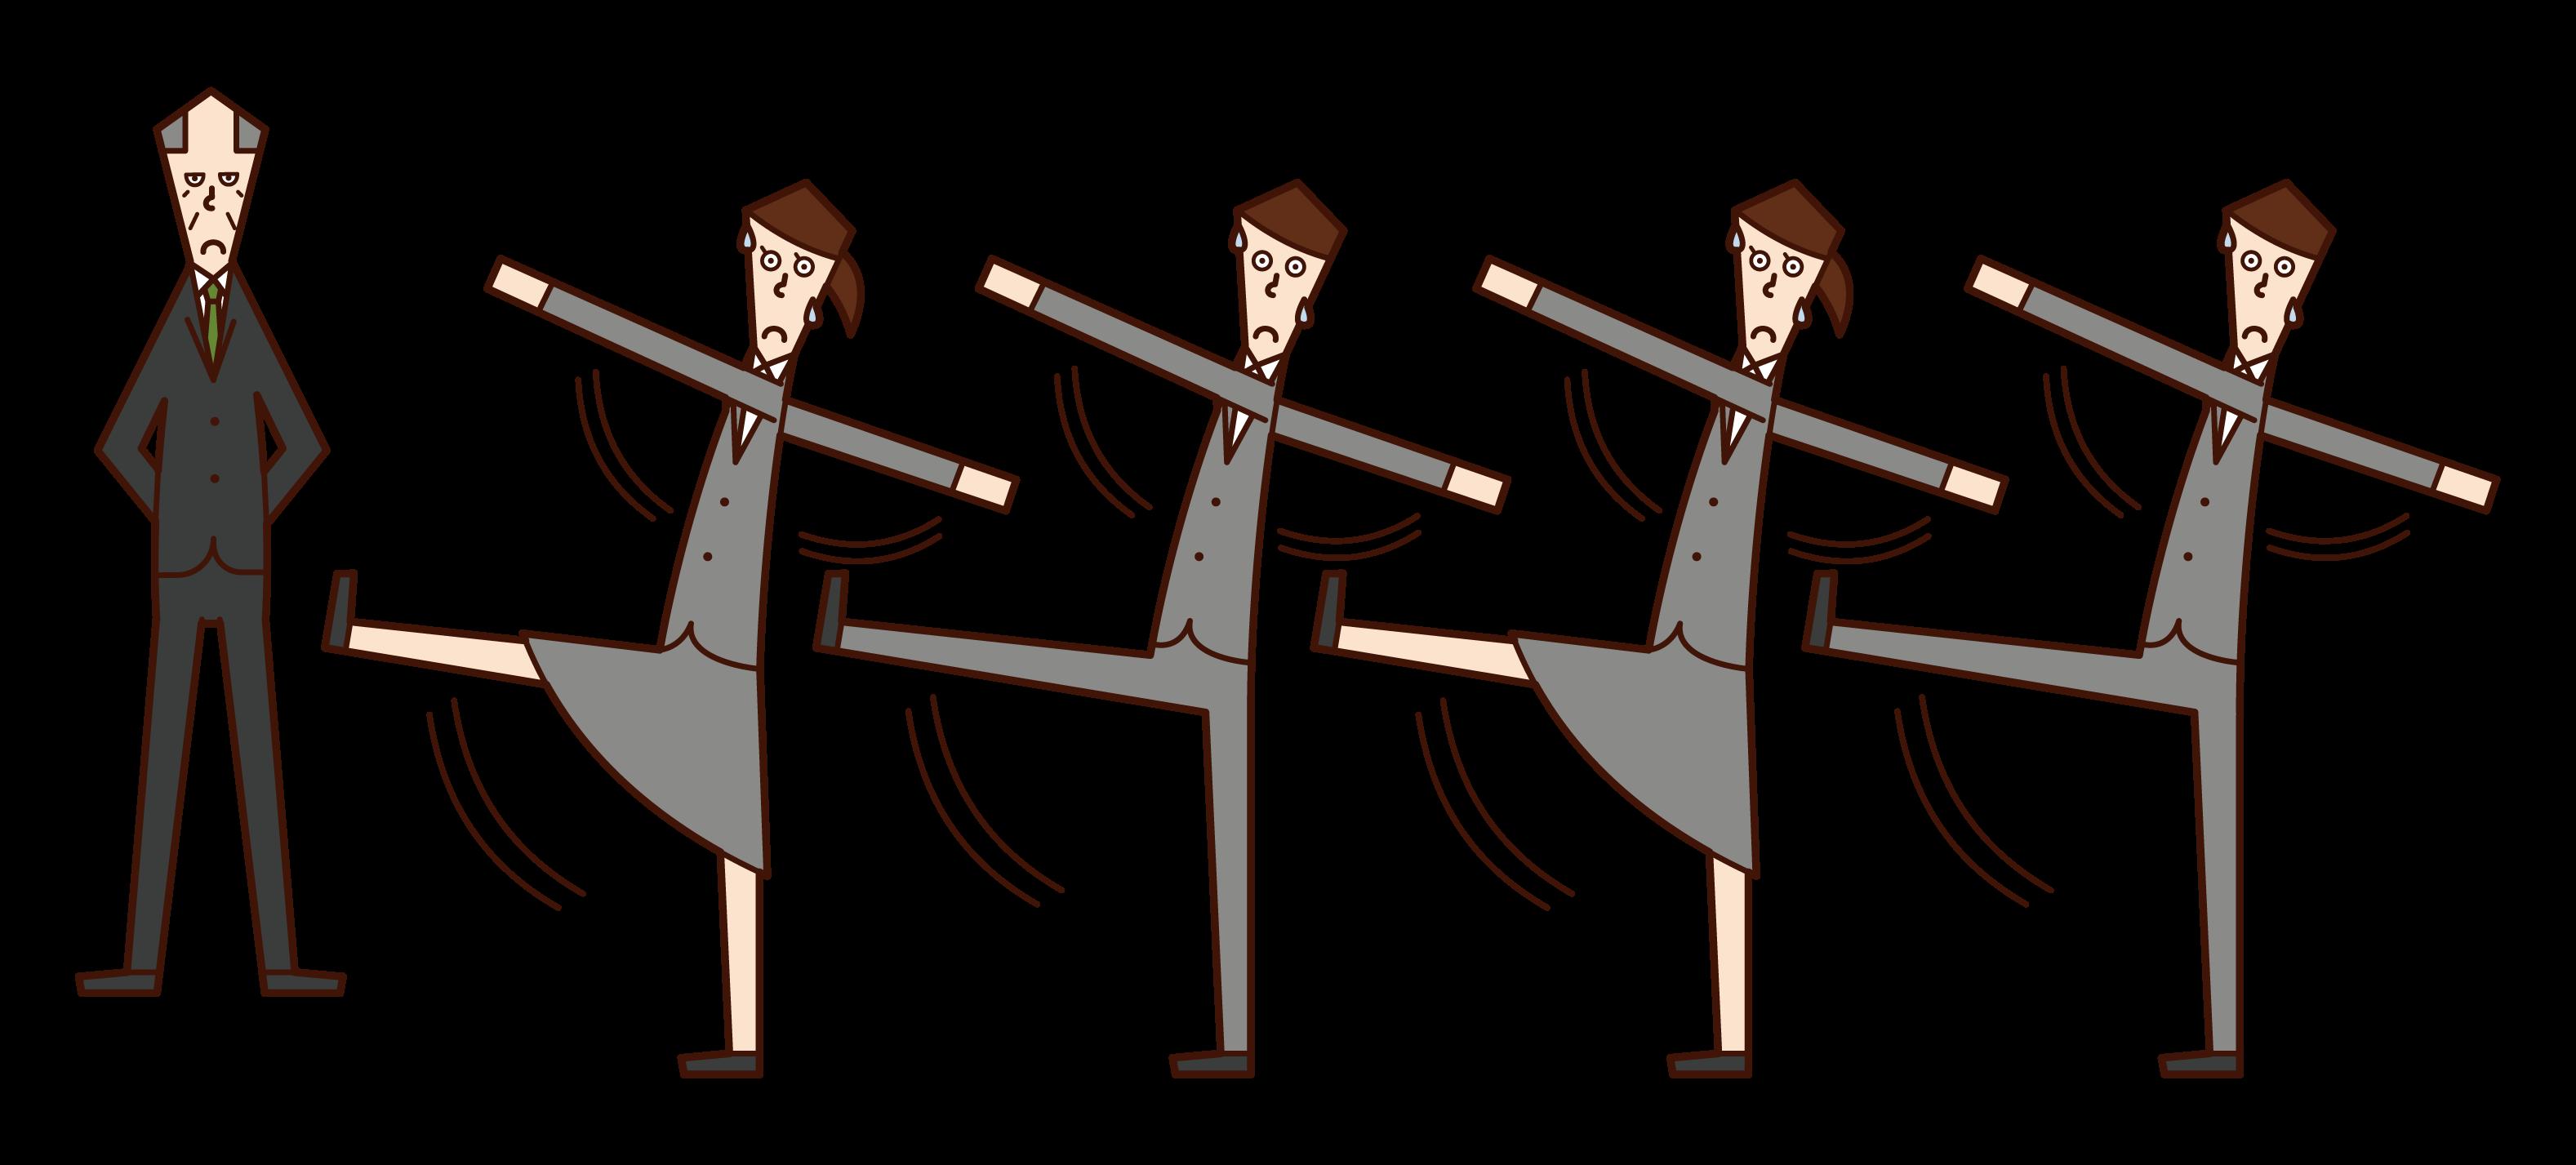 군대처럼 일하는 사람과 가축의 그림